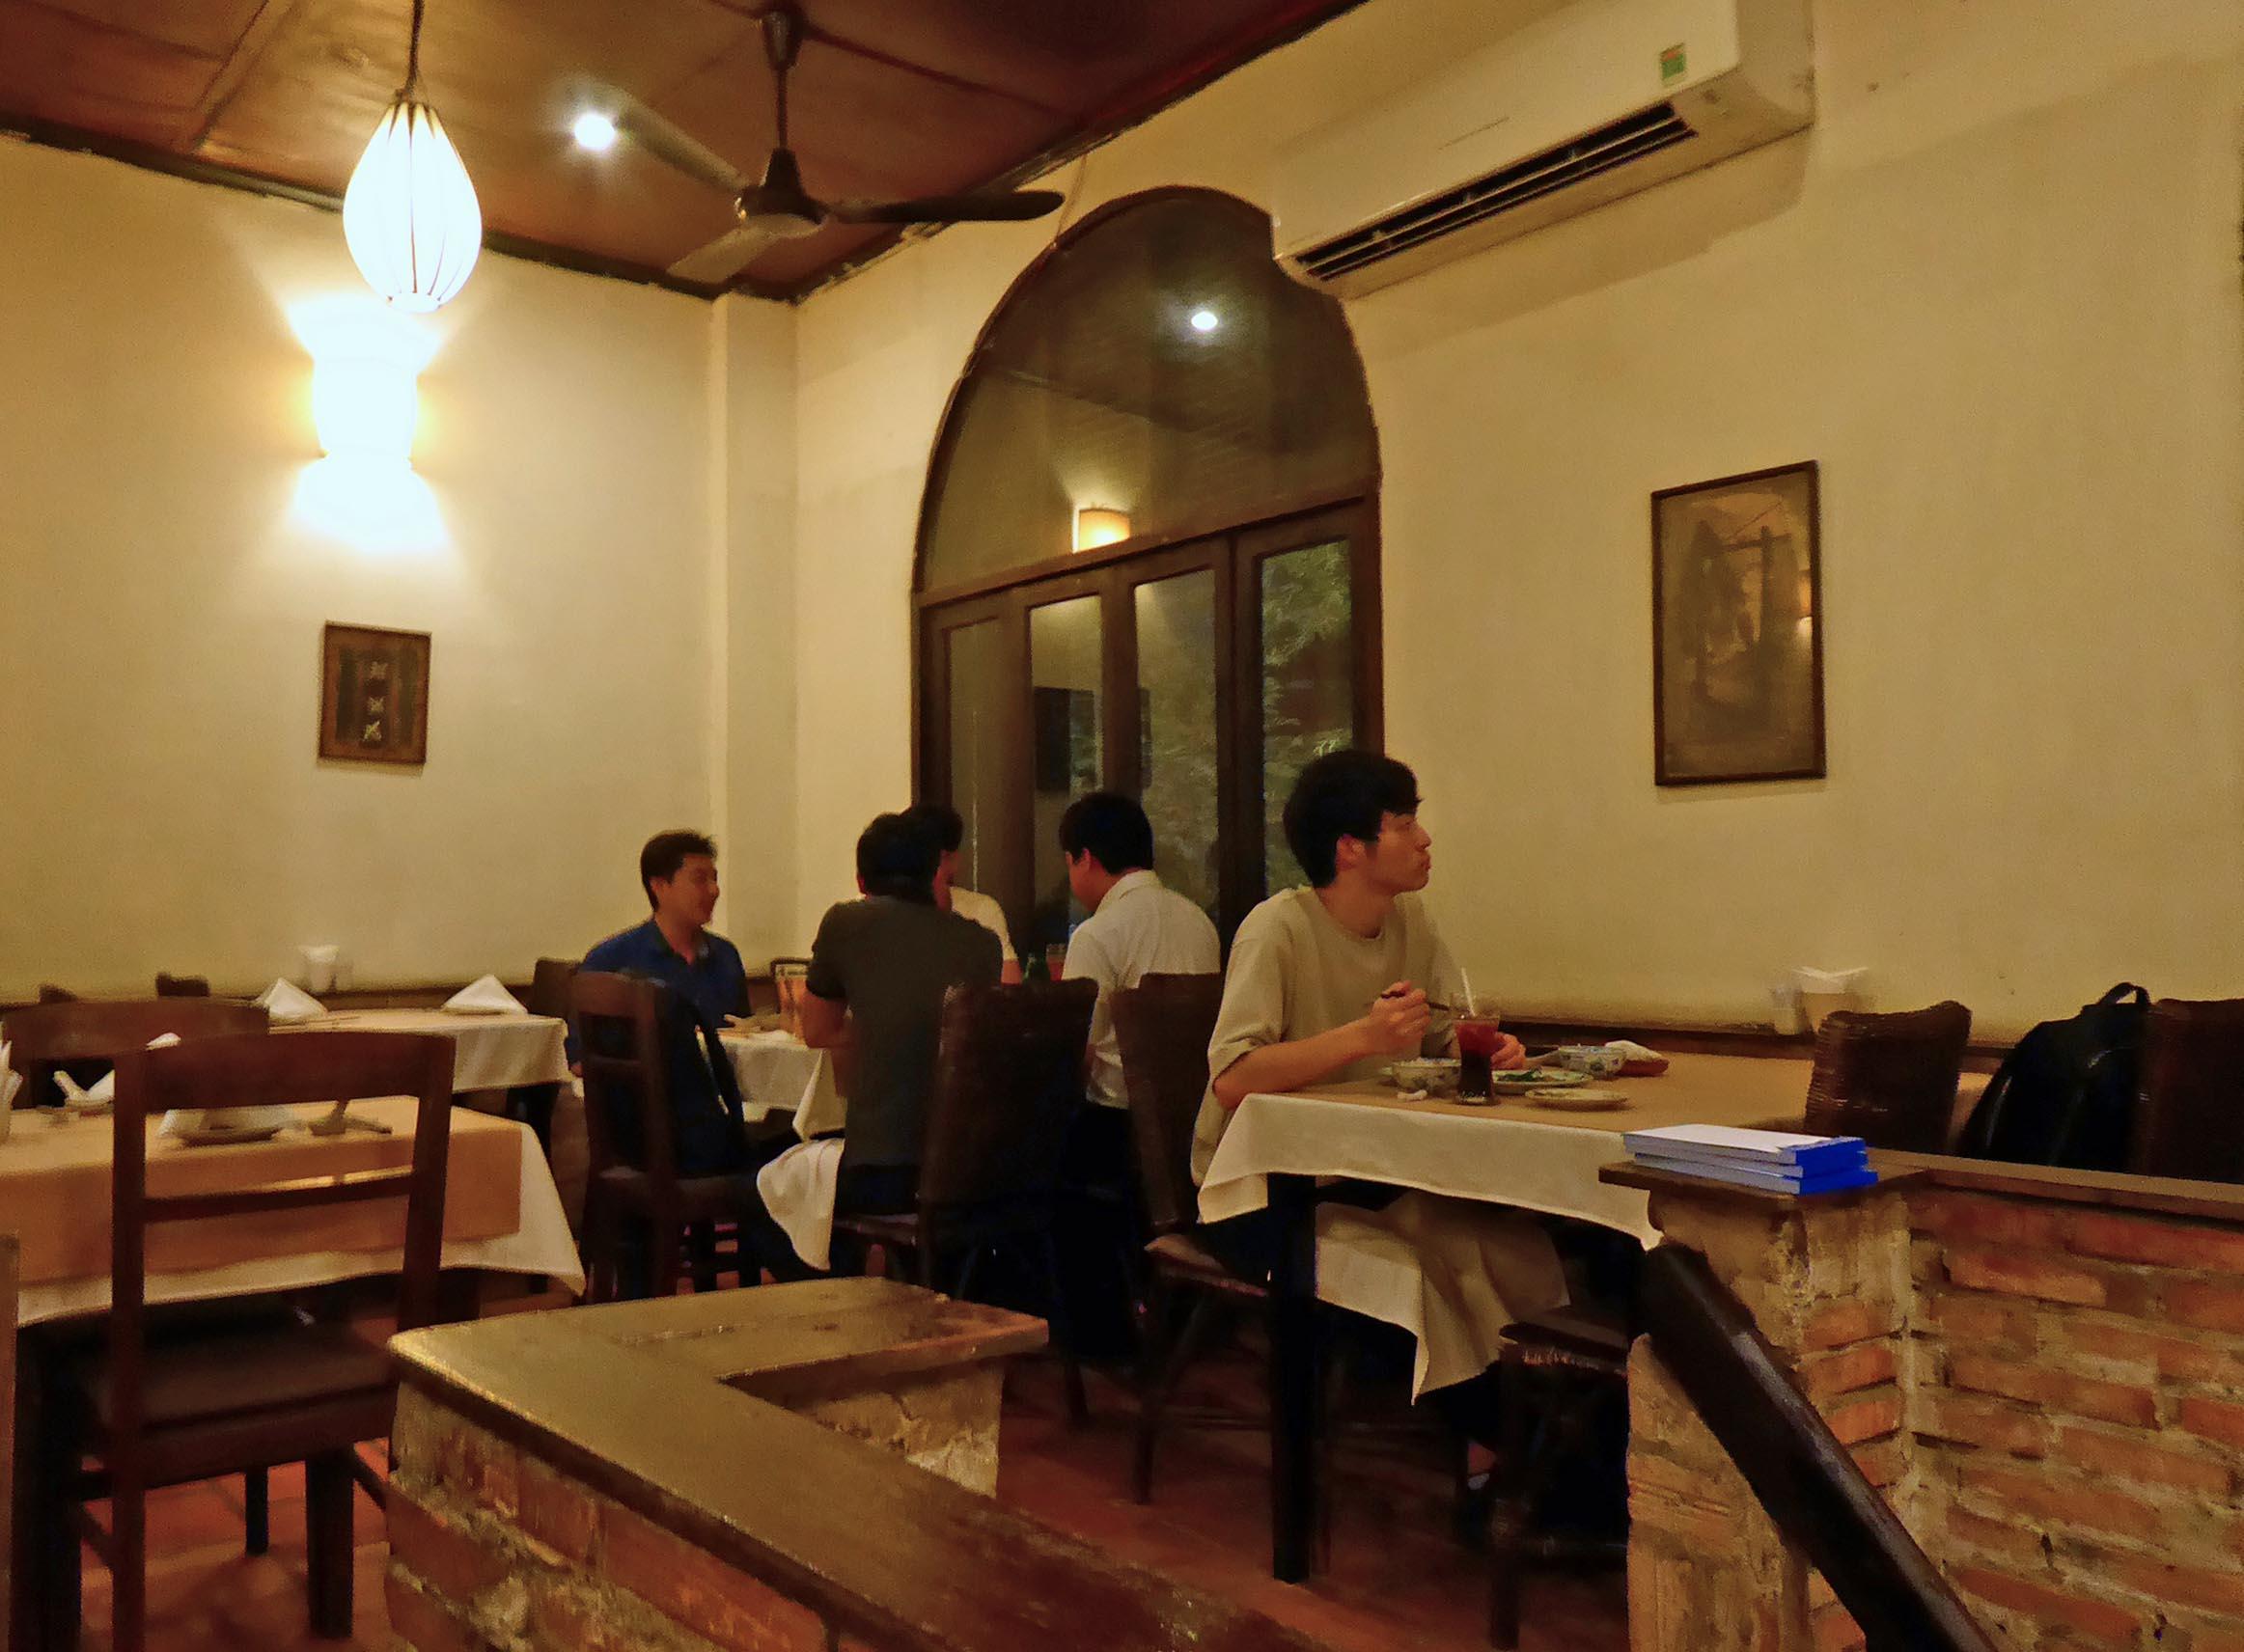 Inside a restaurant